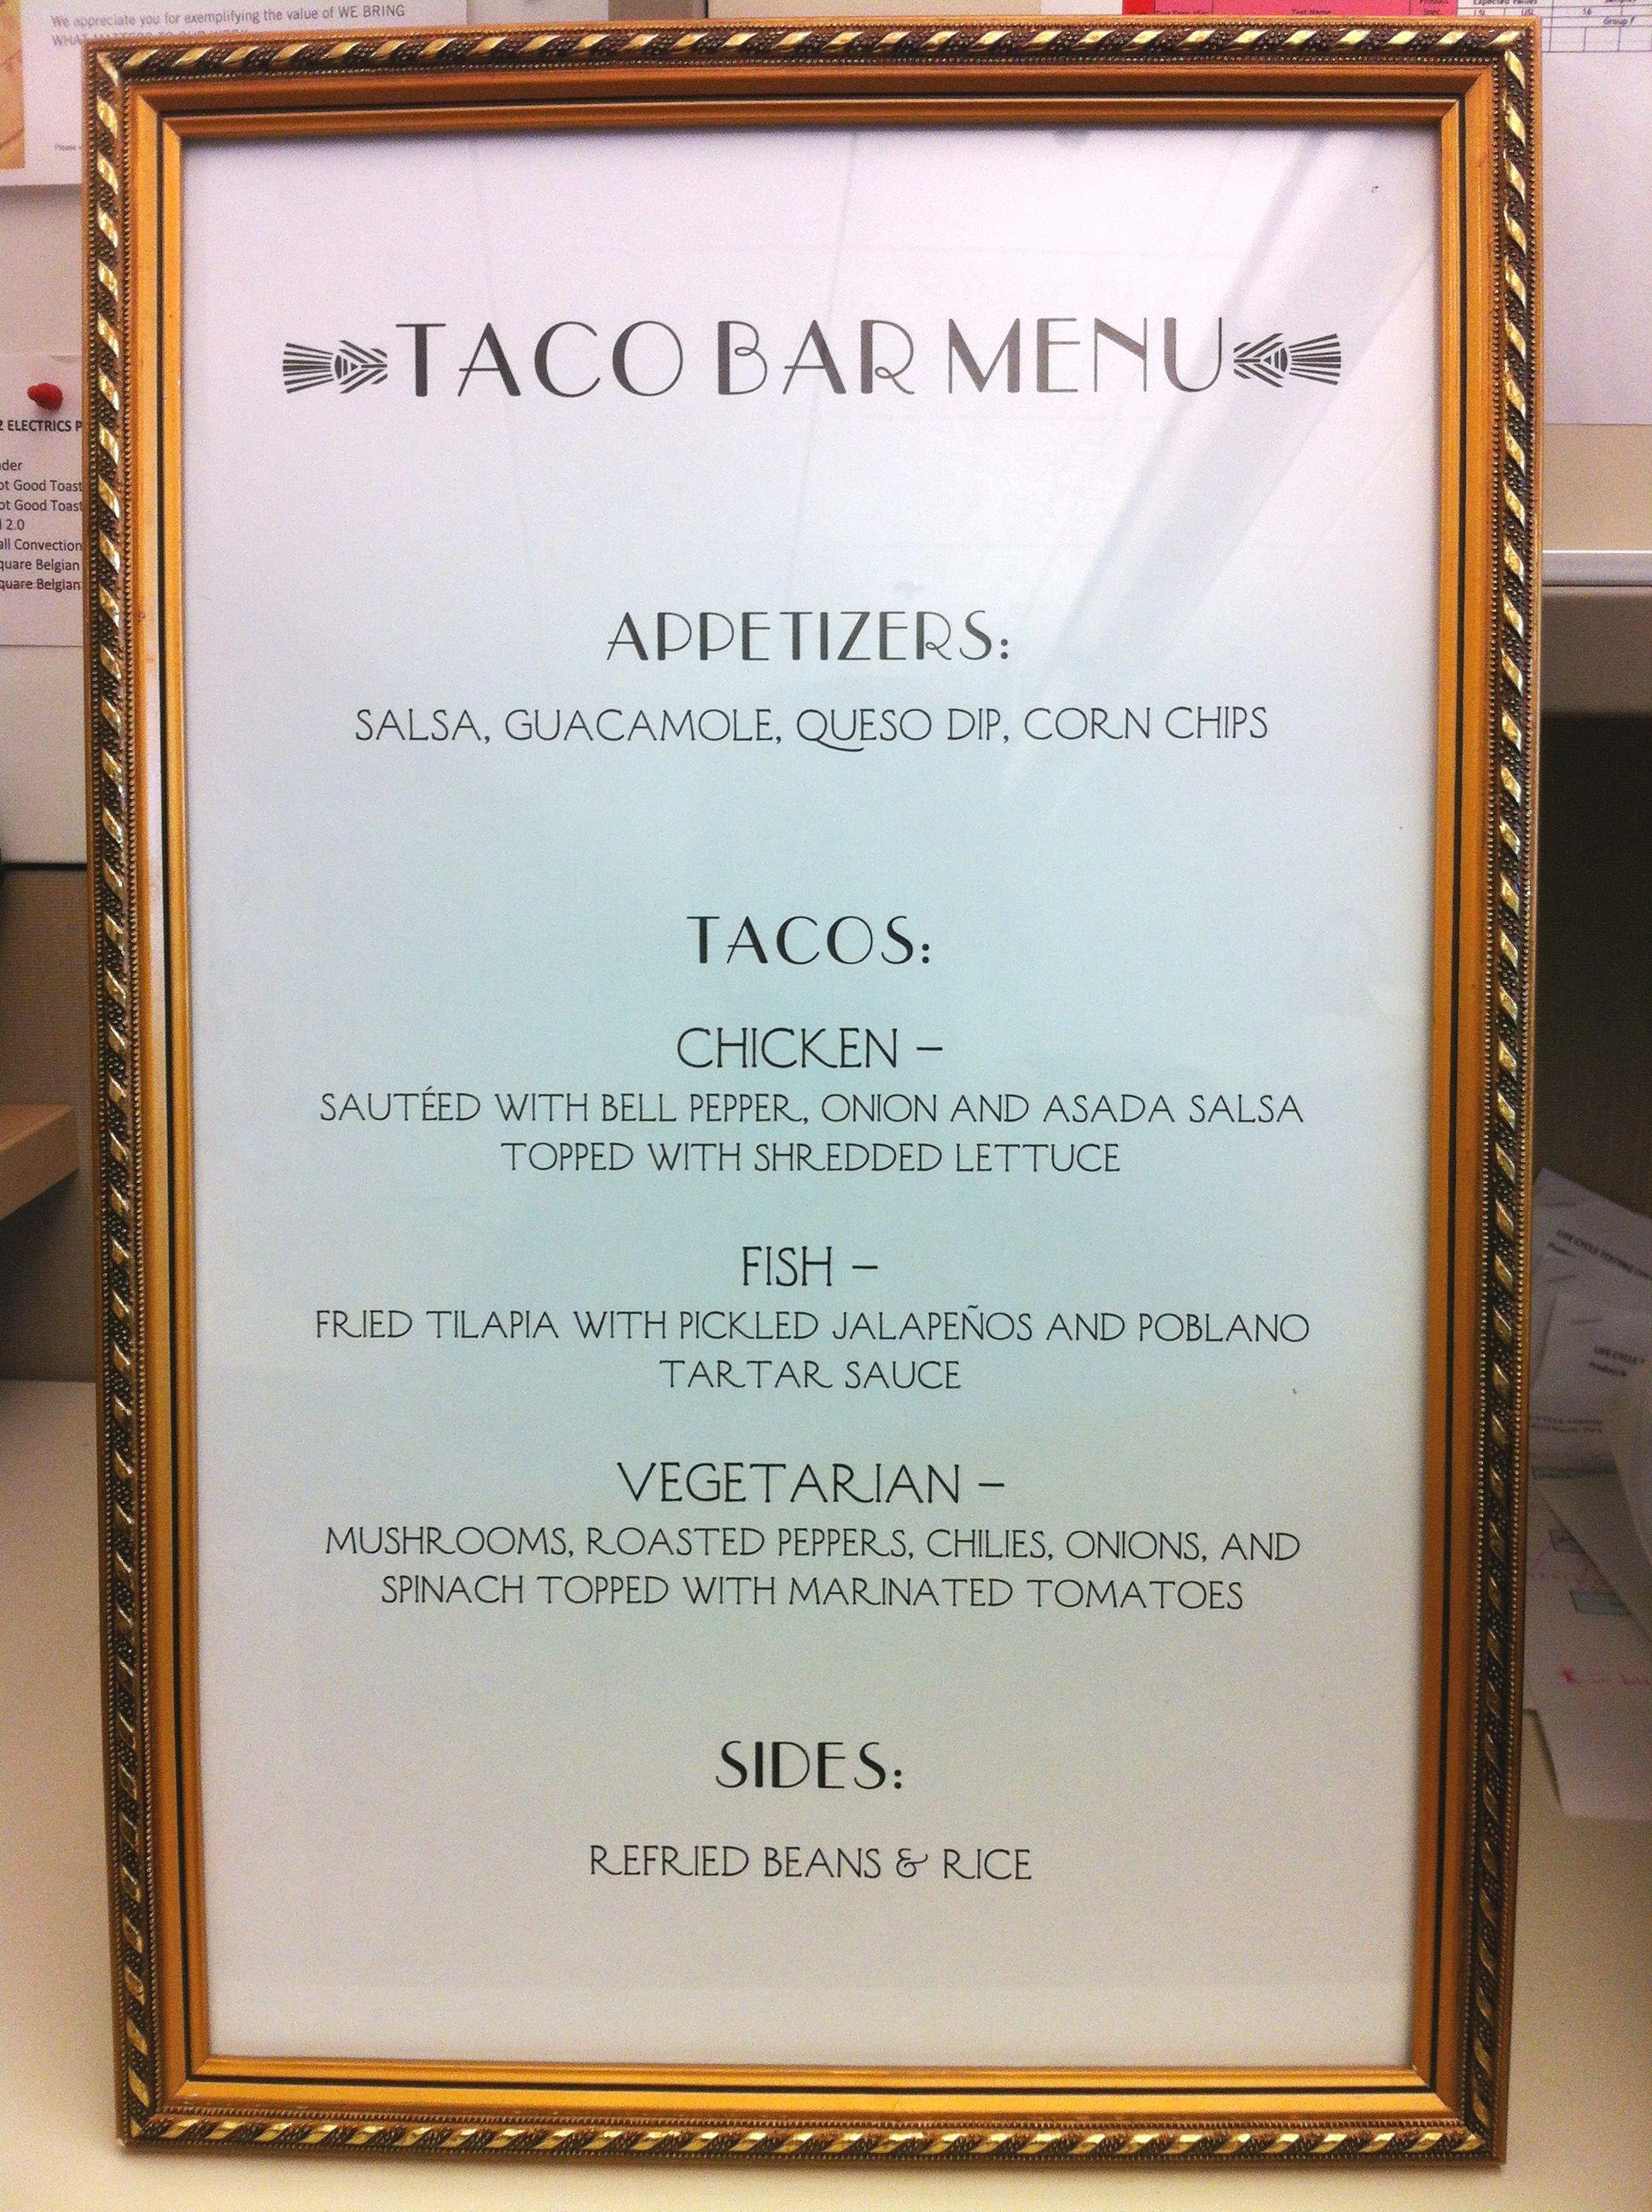 fancy 11 x 17 taco bar menu i made for my wedding wedding